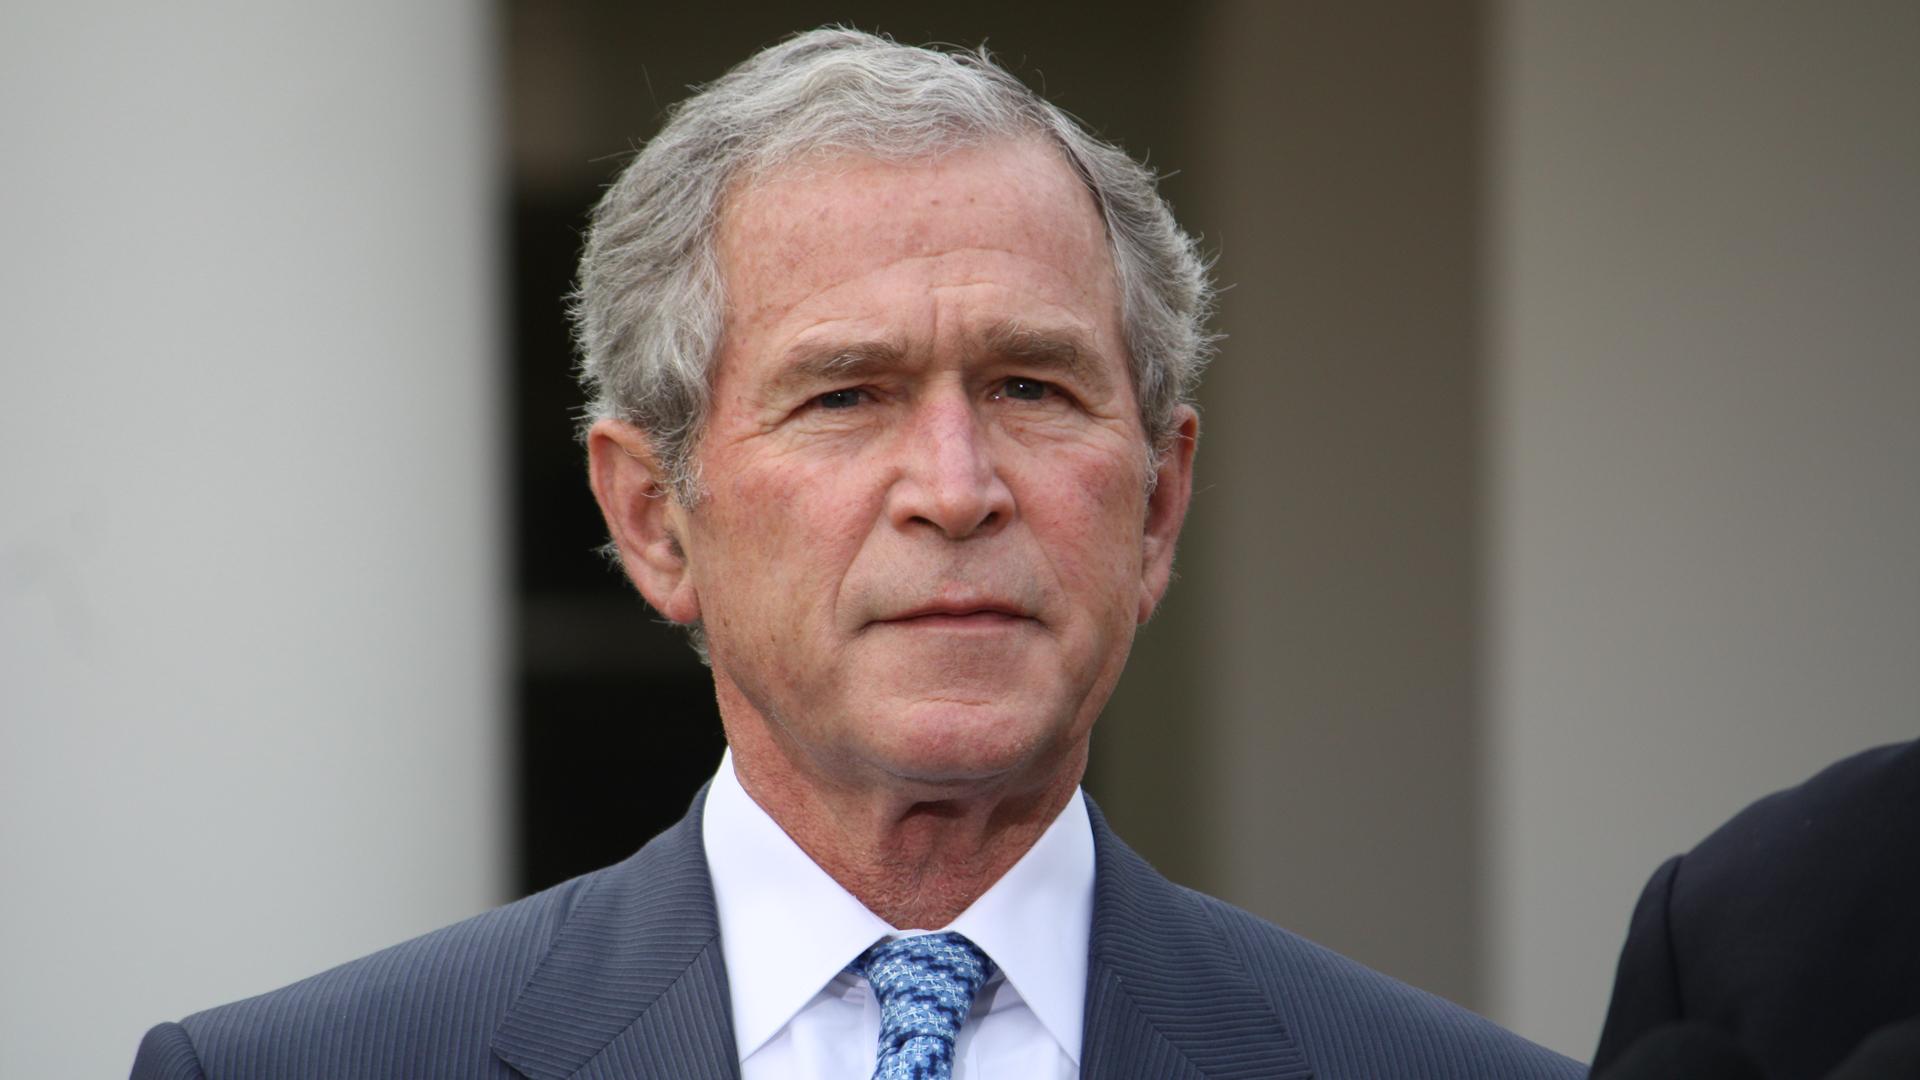 George W. Bush, ABD 43. başkanı tarihte bugün